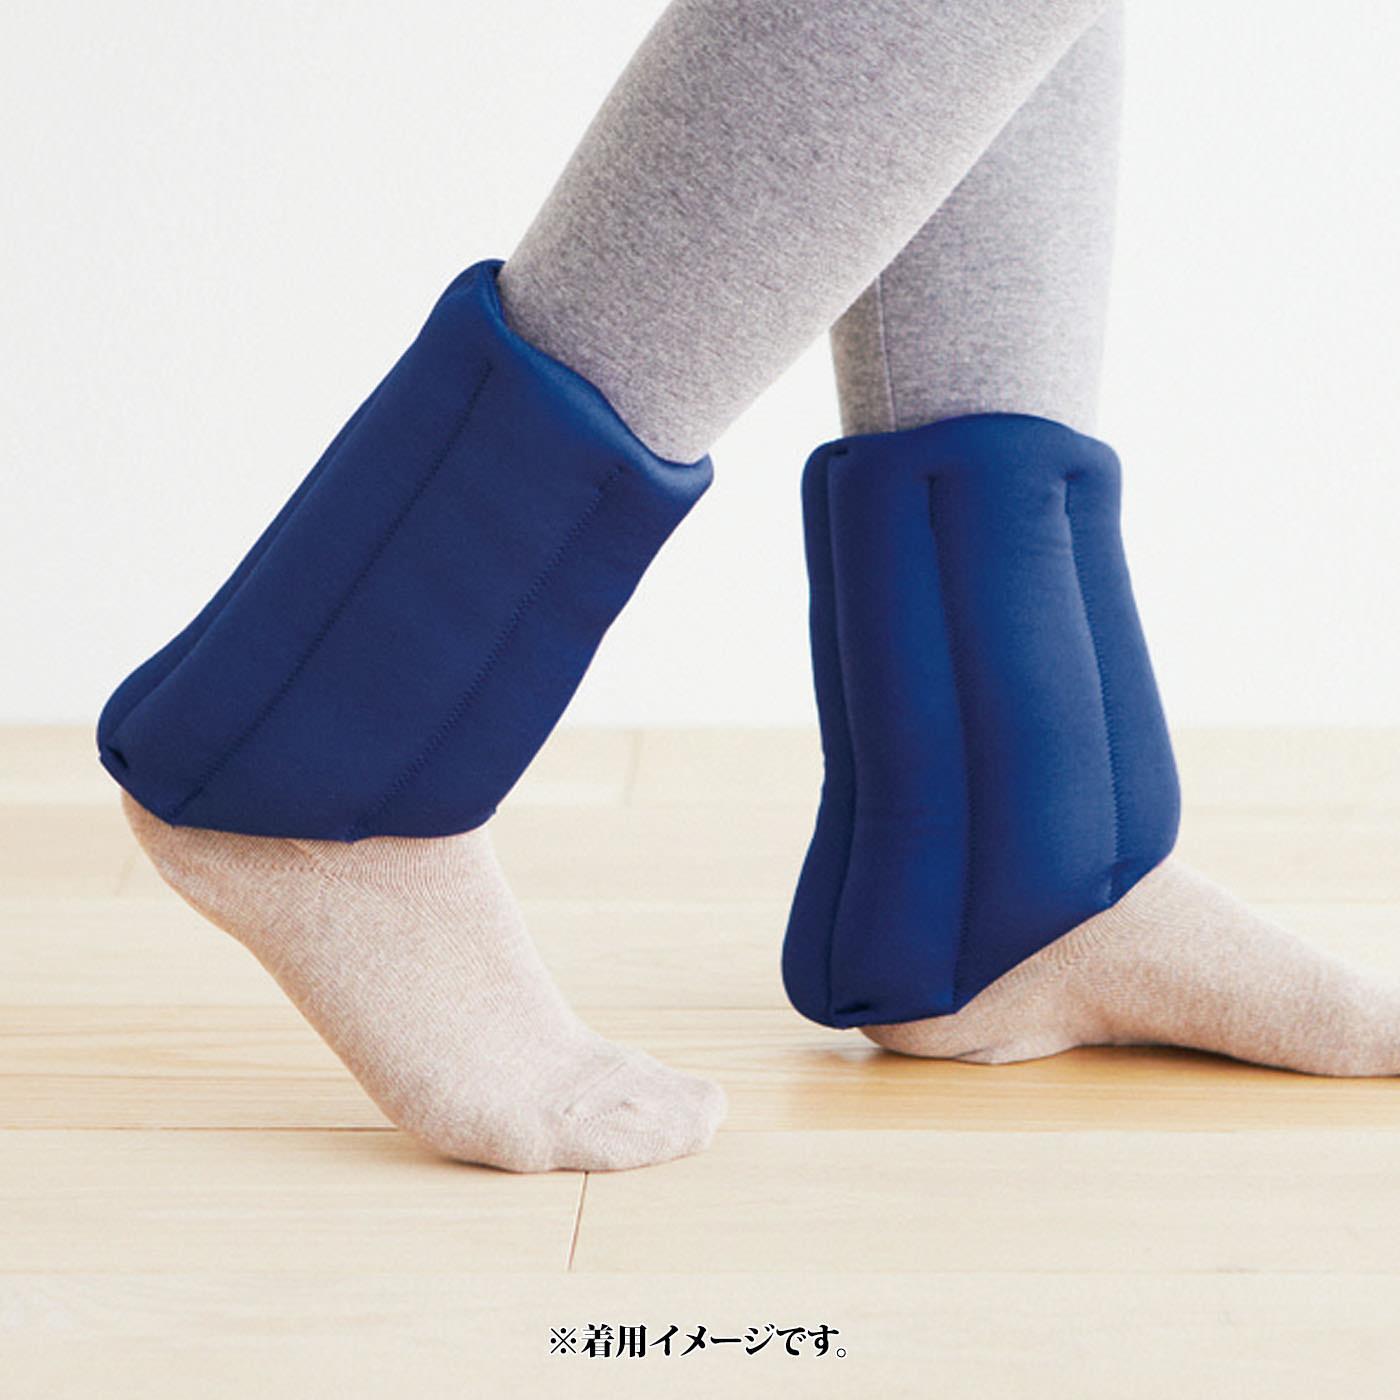 足の甲からかかとにかけて斜めにして、かかとぎりぎりまで包んで床の冷気が入りにくい工夫をほどこし、歩きやすい形状にしました。